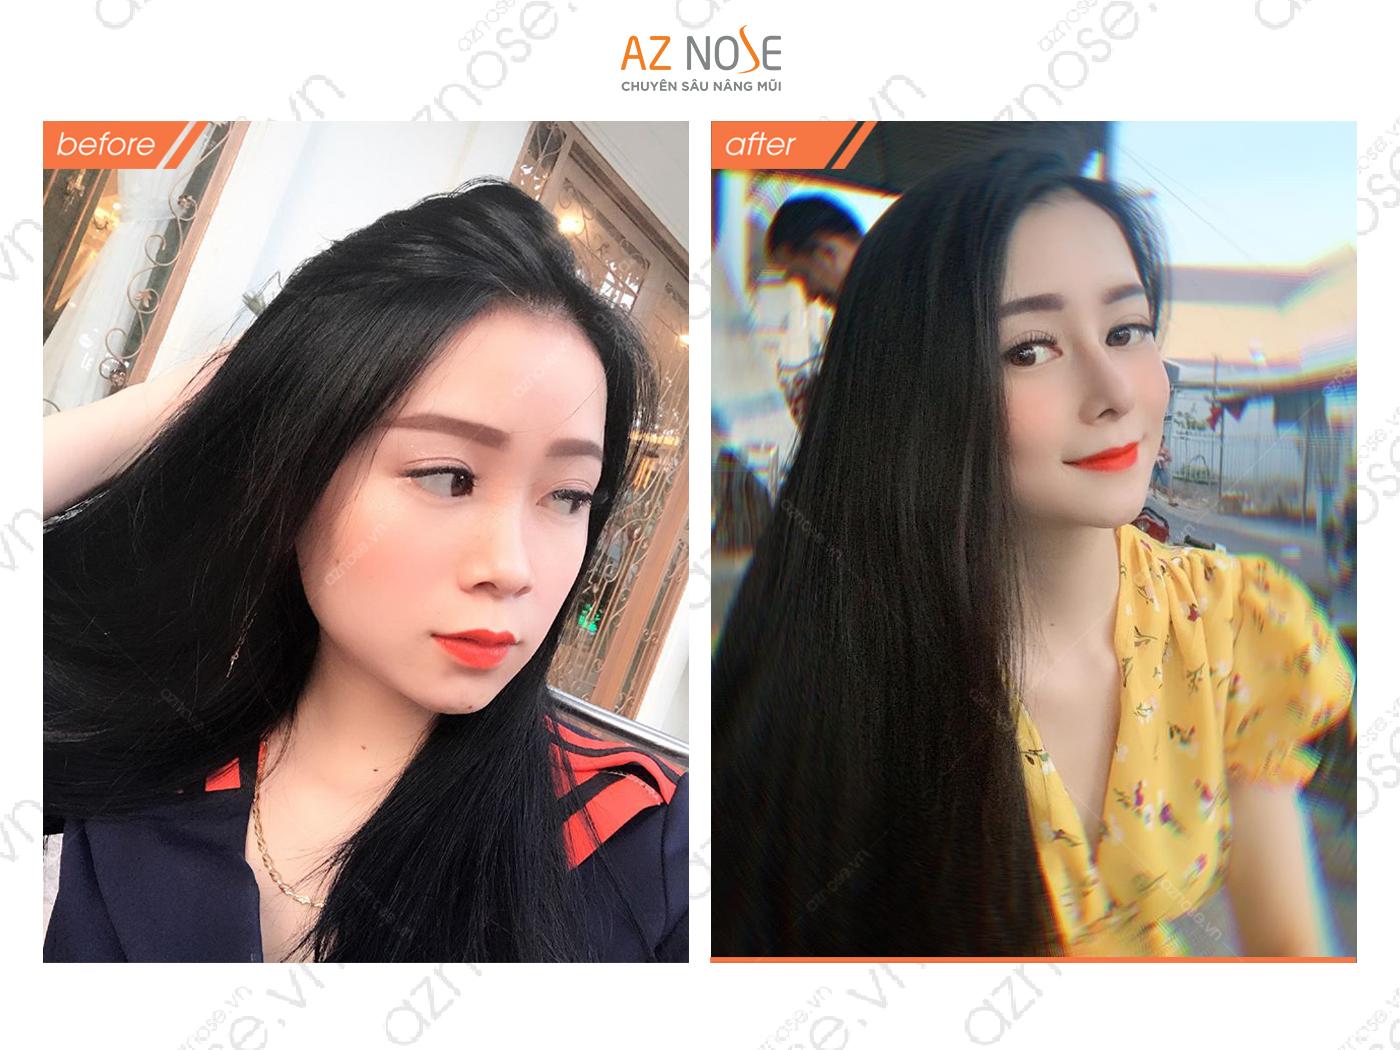 Khách hàng Thùy Trang với dáng mũi đẹp thanh tú